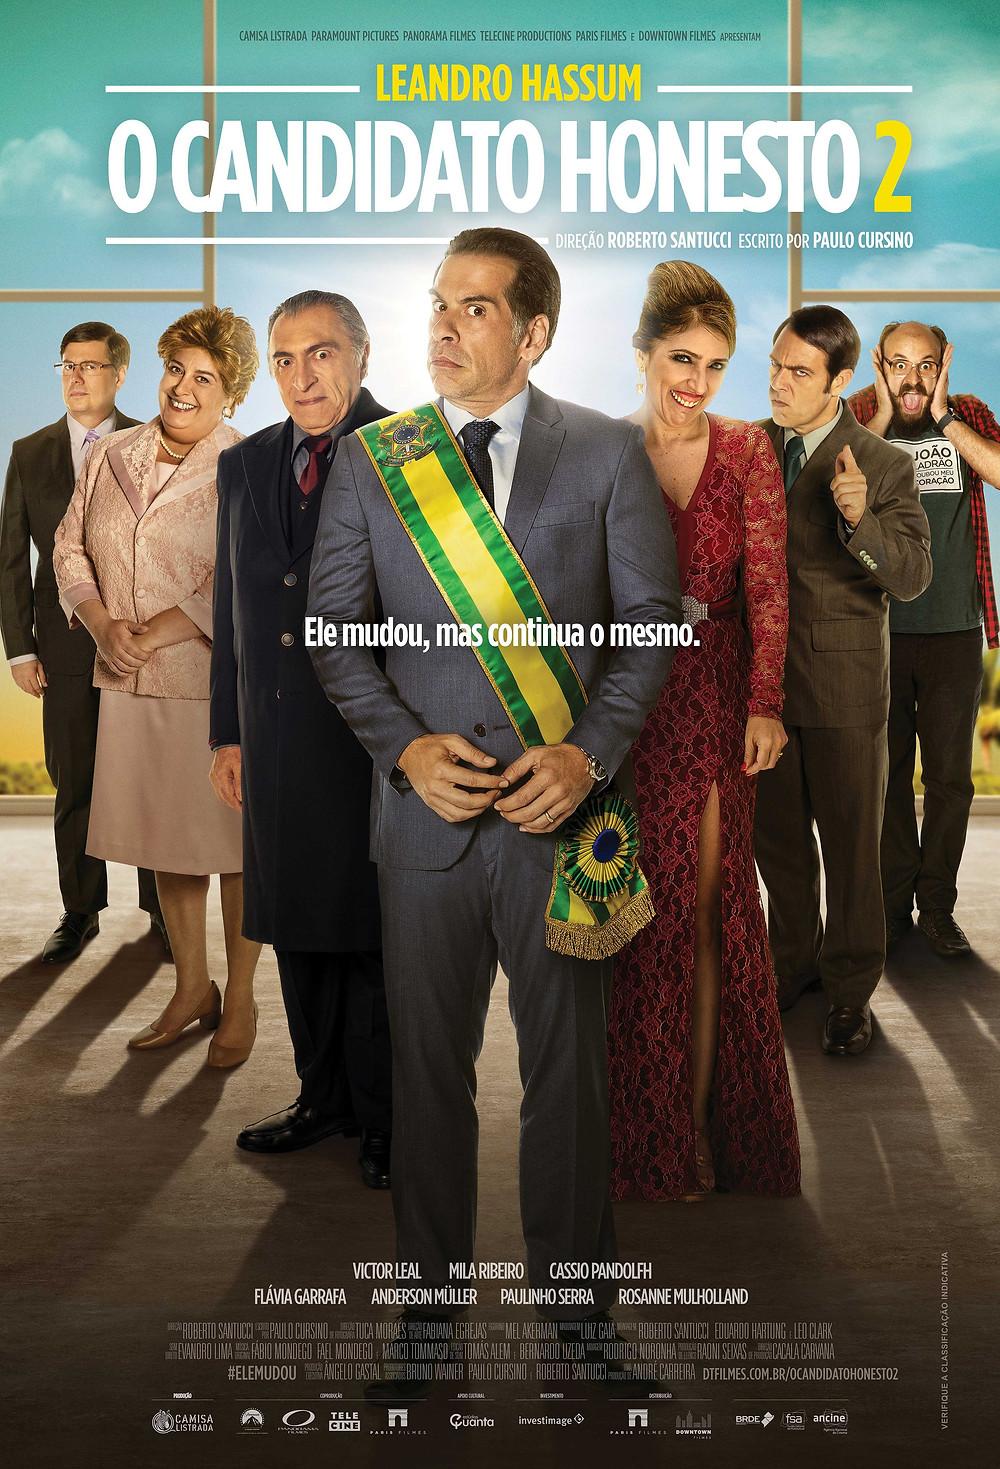 Cartaz da comédia nacional O Candidato Honesto 2 (2018) | Divulgação (Downtown Filmes / Paris Filmes)